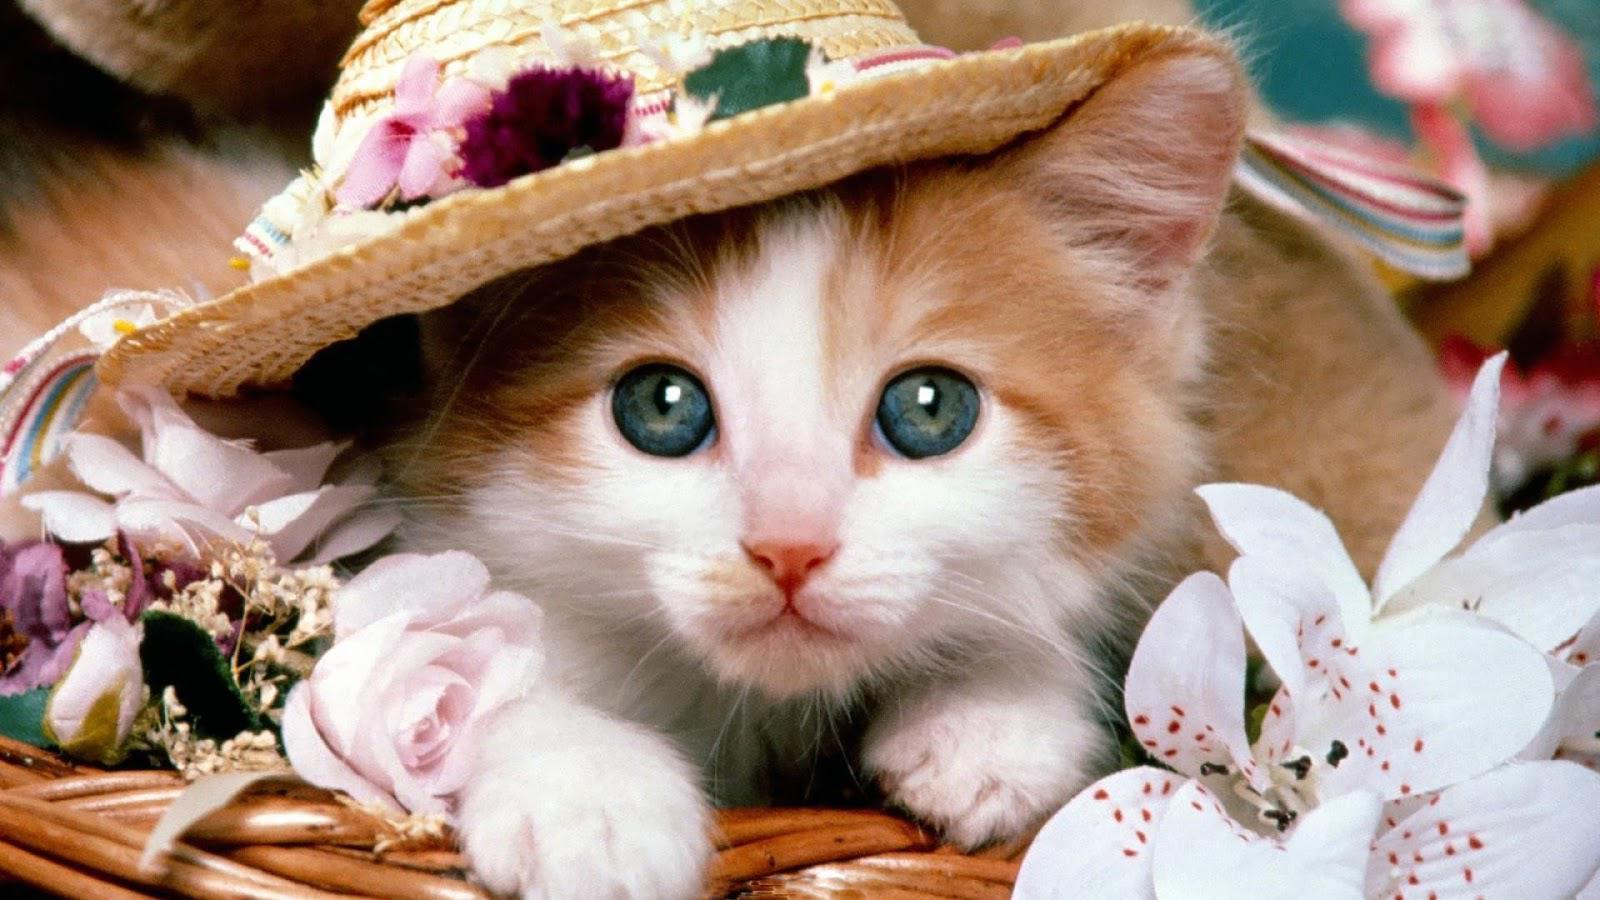 Download Wallpaper Kucing Lucu 10 Wallpapers – Adorable